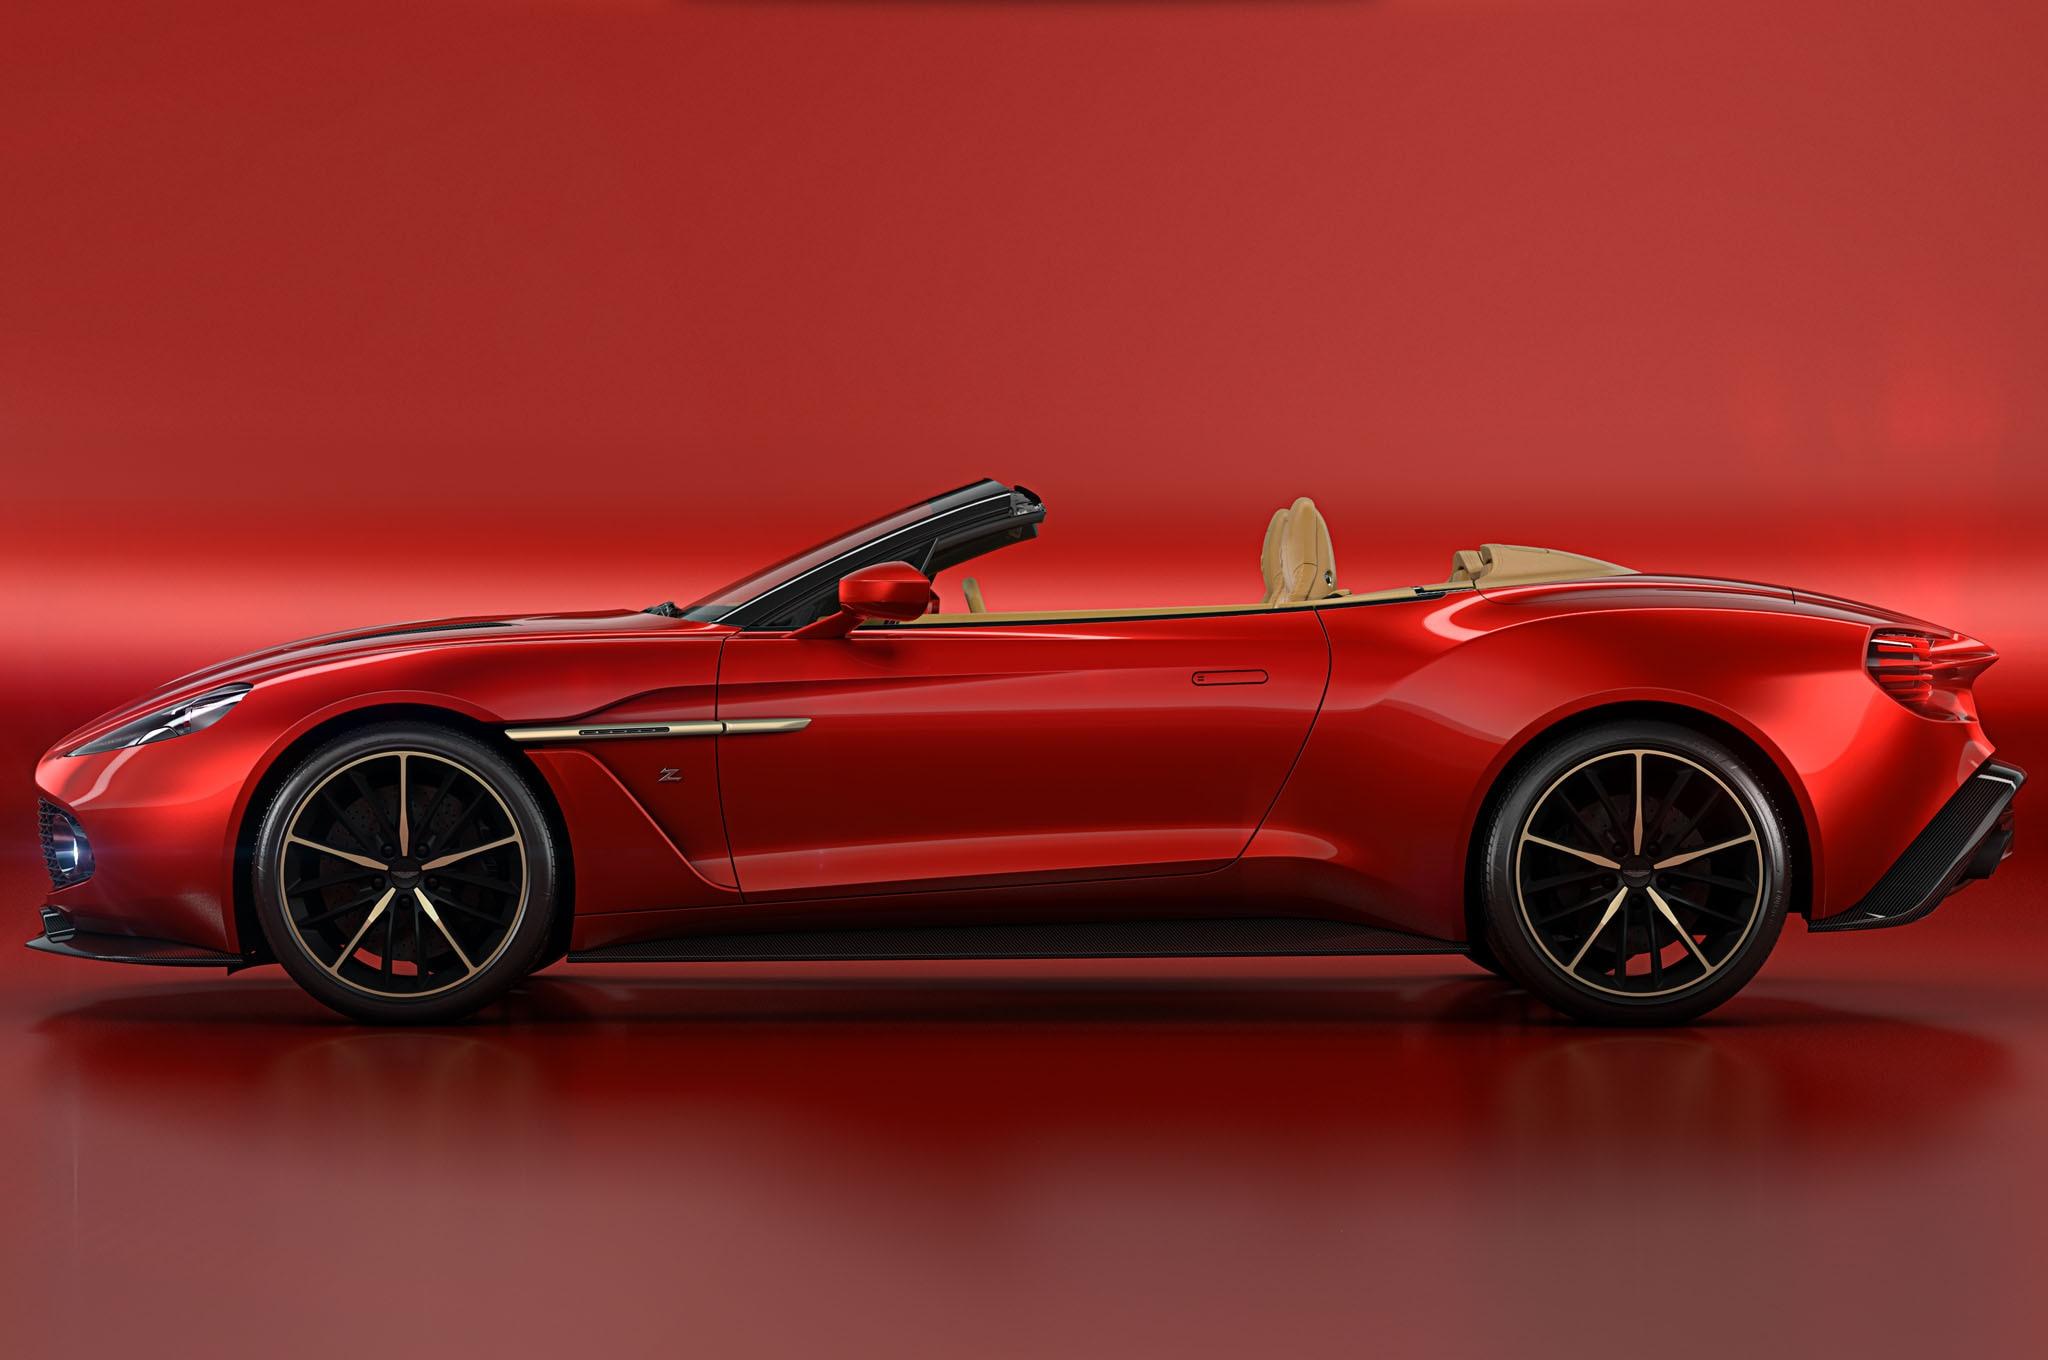 Aston Martin Vanquish Zagato Volante Priced From - Aston martin zagato price